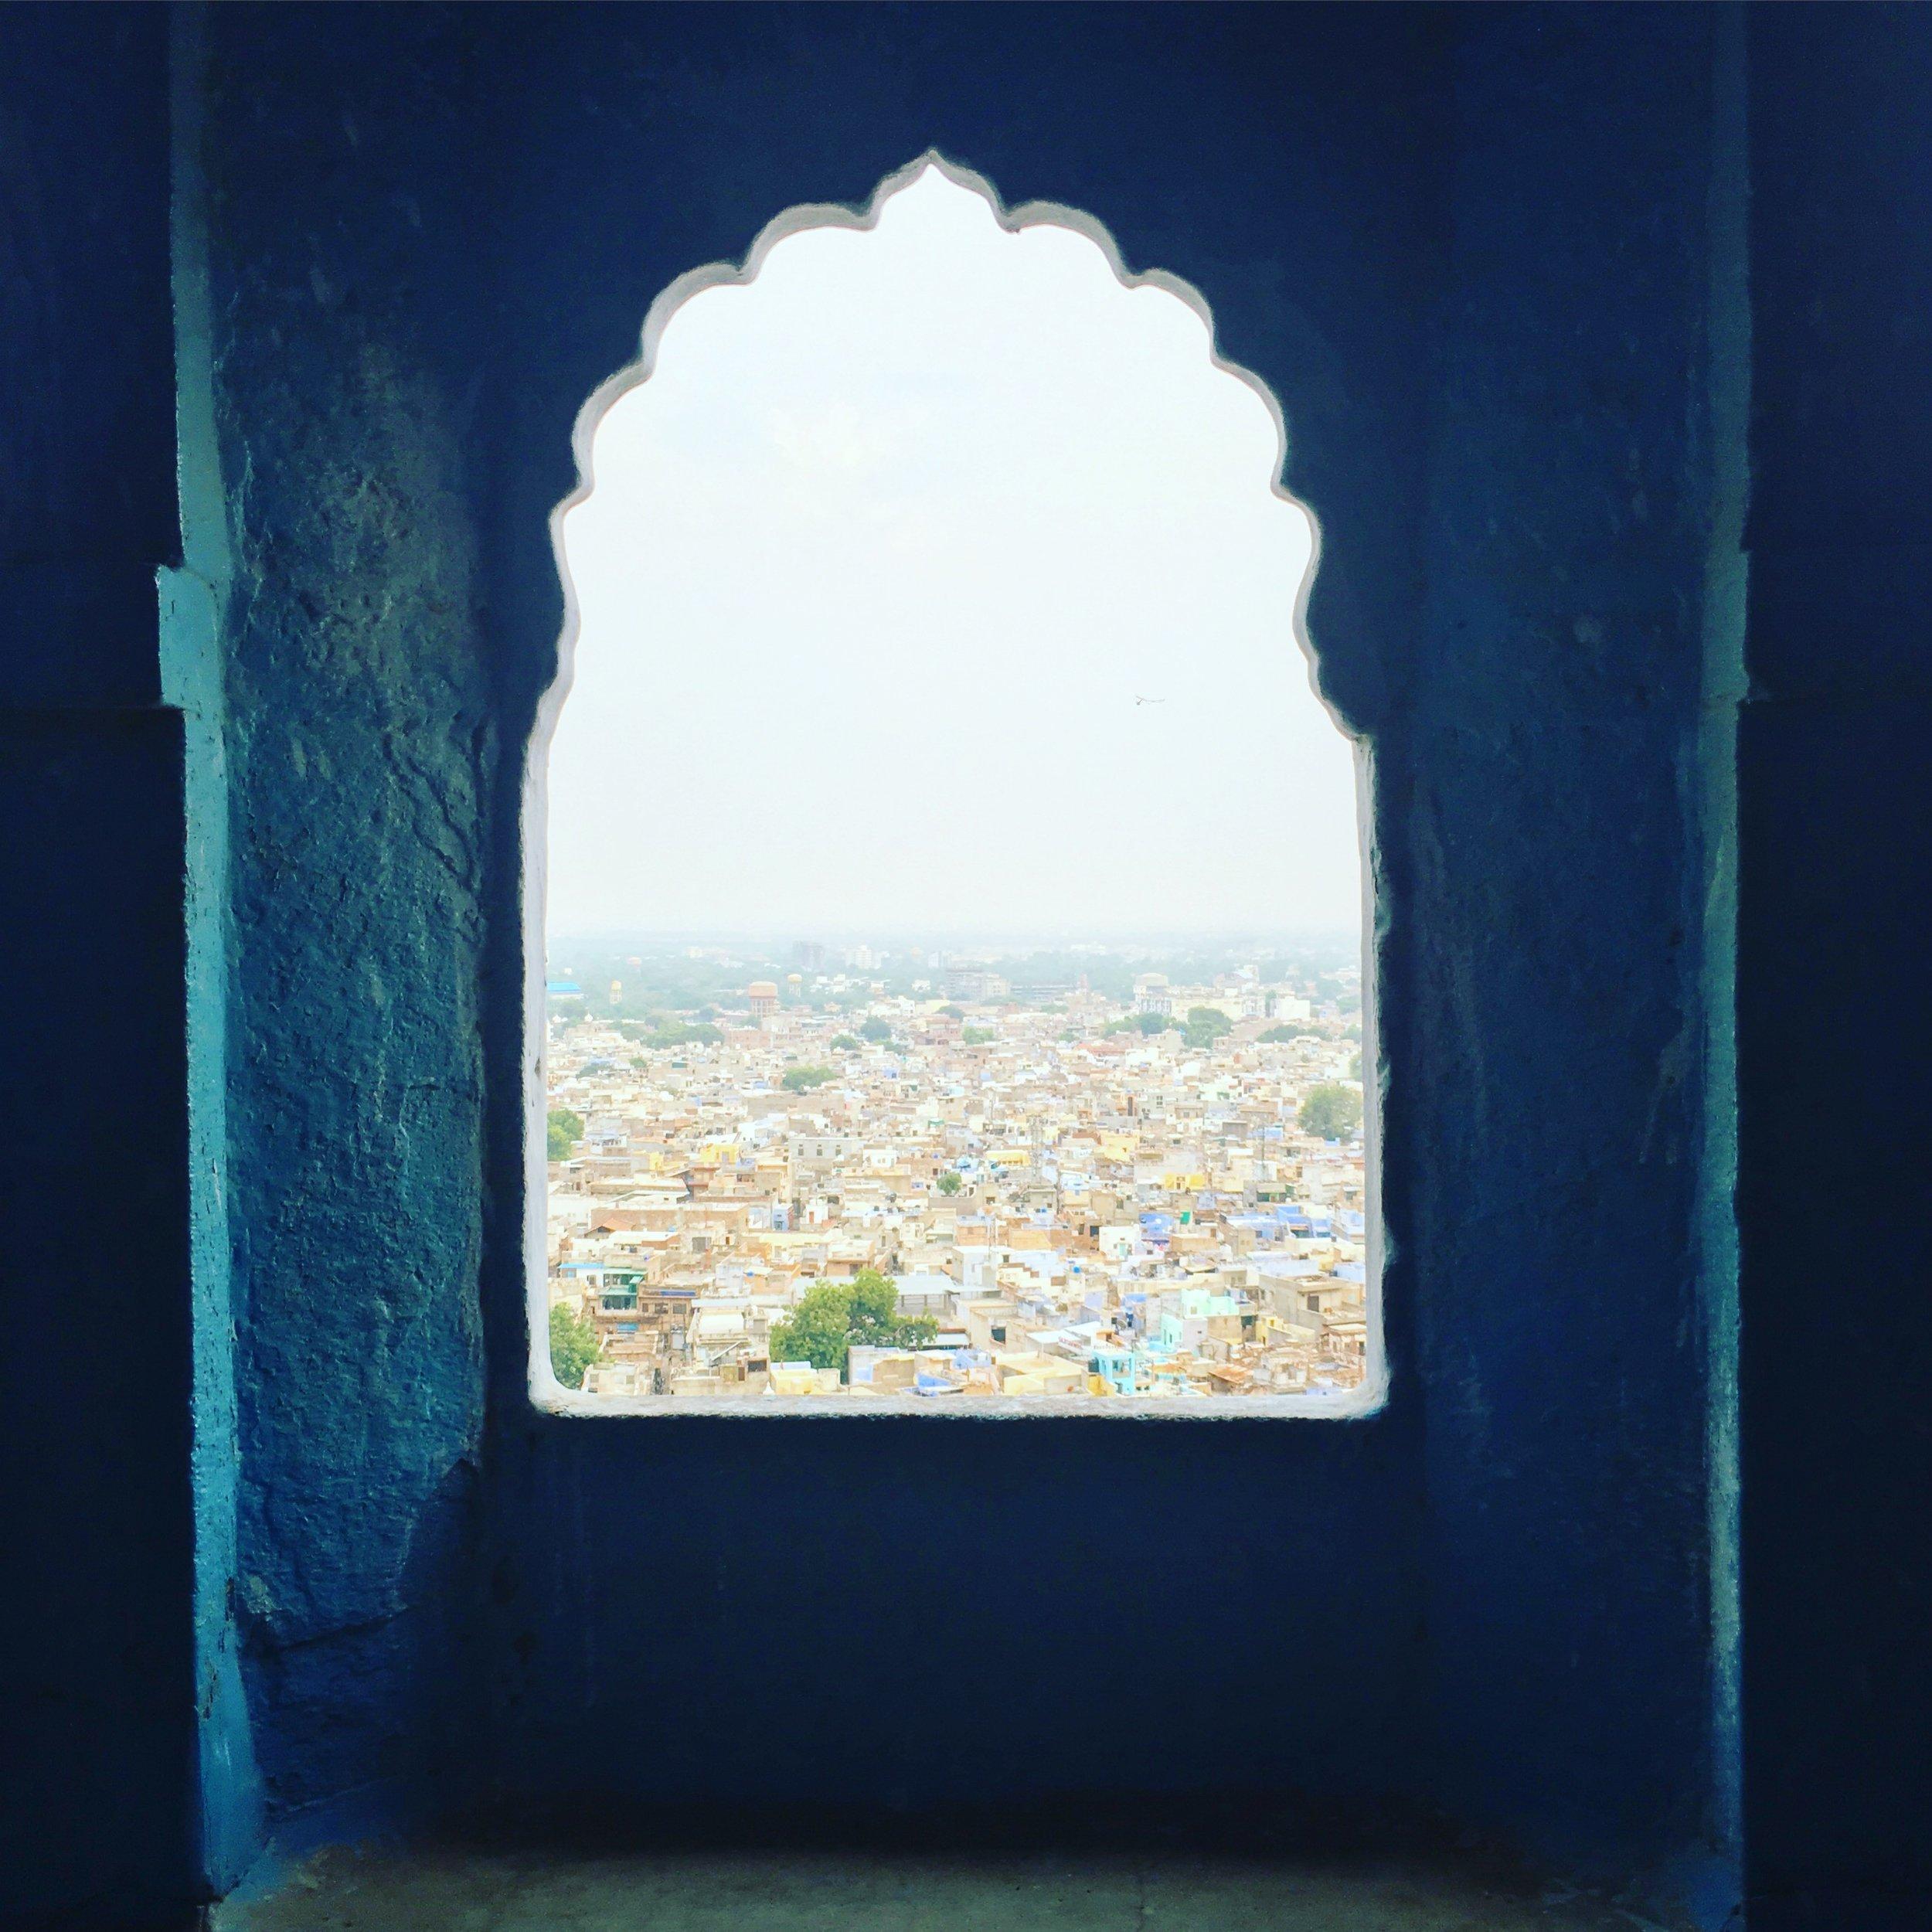 Jodhpur, Rajasthan, by Priyanka Sacheti.